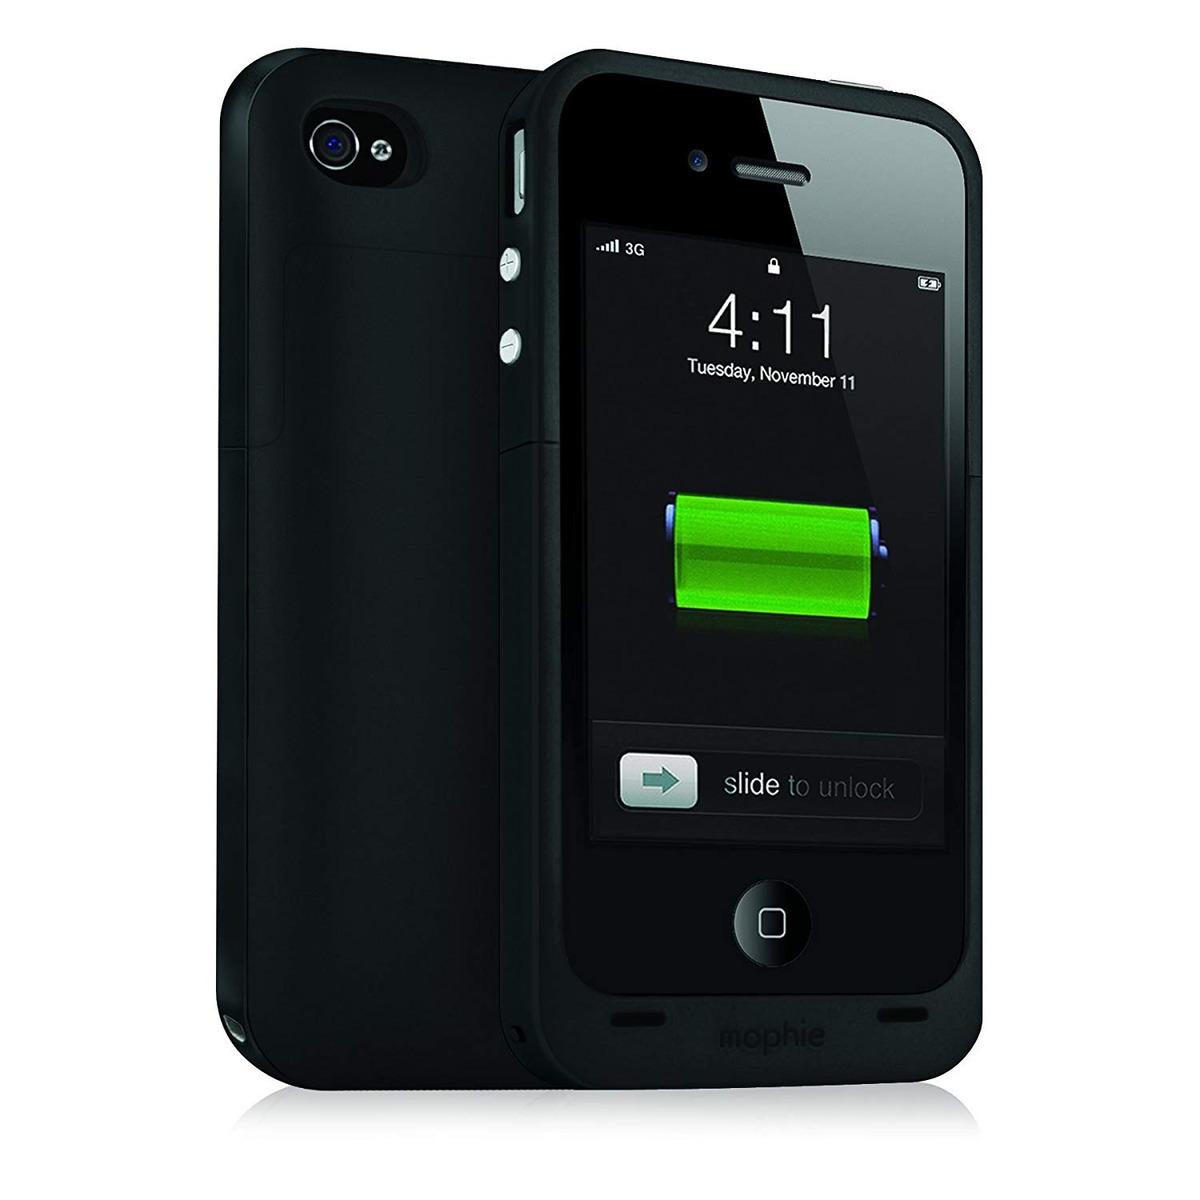 bf3ad255b4b Mophie Jugo Paquete - Más Funda Batería Para iPhone 4 / 4s ...